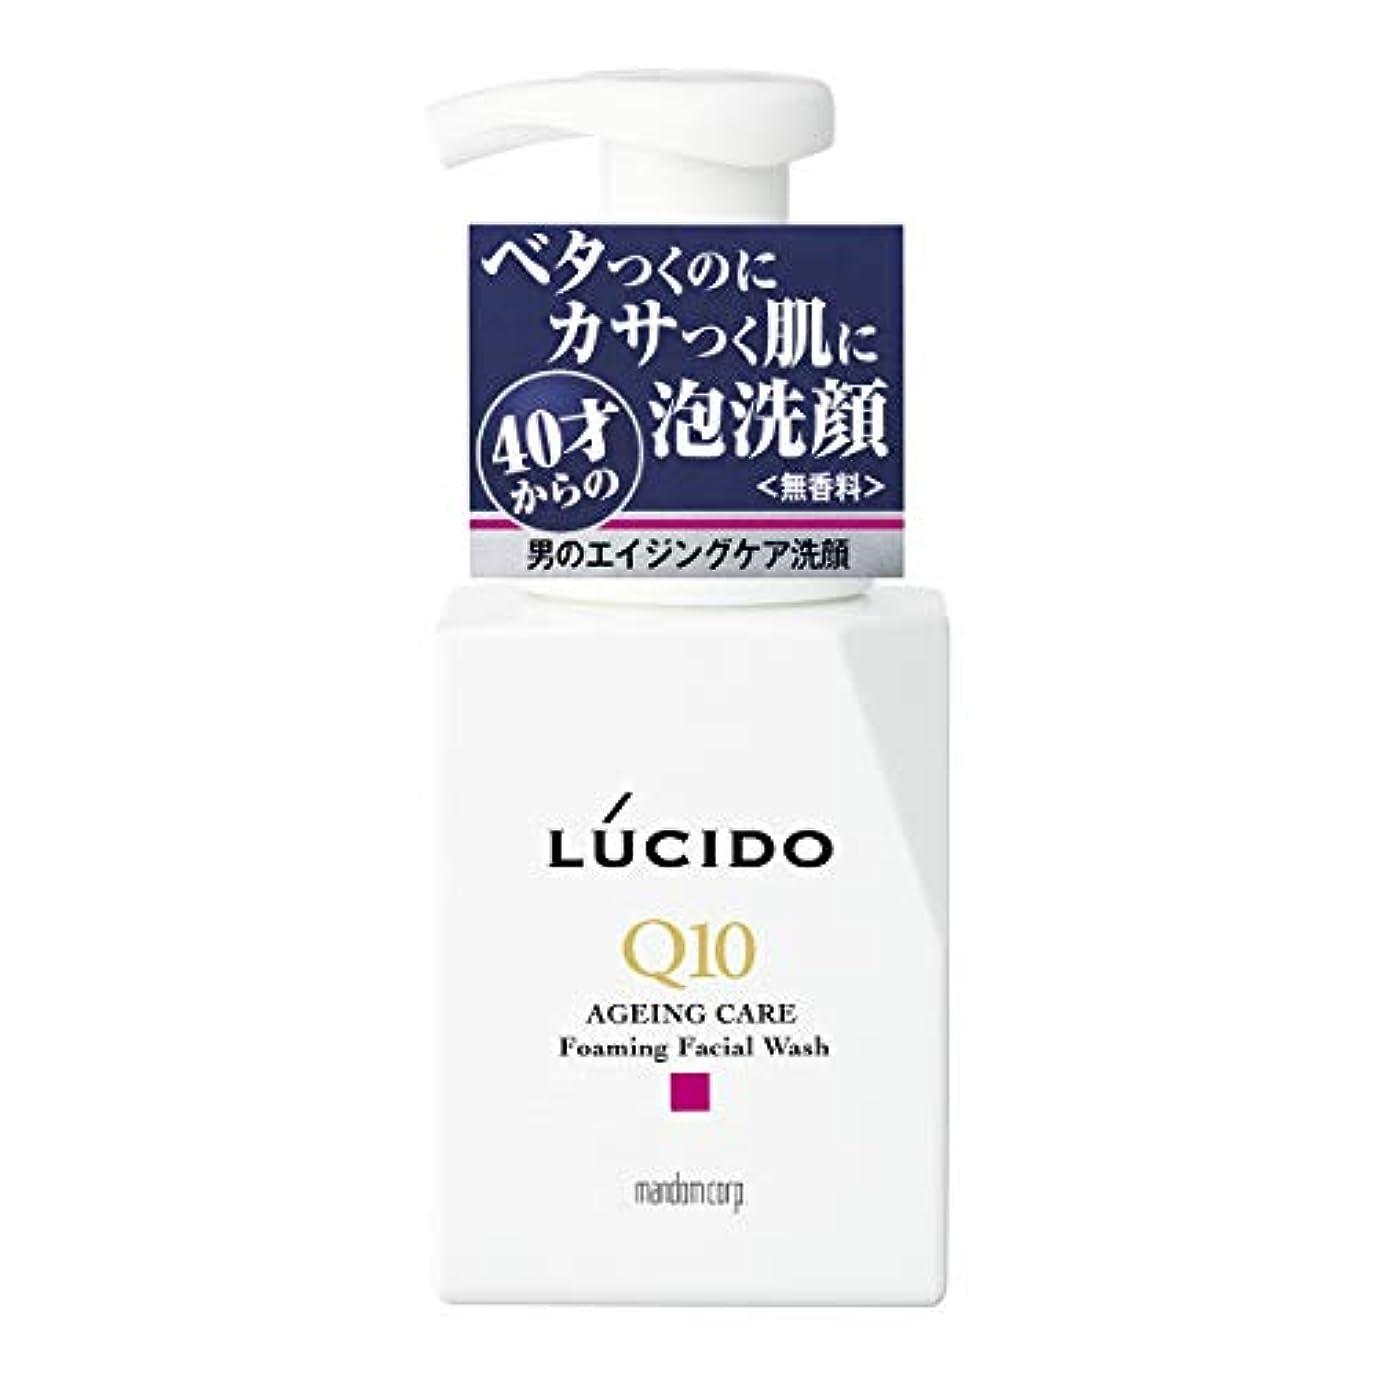 逃げる時期尚早予測子LUCIDO(ルシード) トータルケア泡洗顔 Q10 150mL